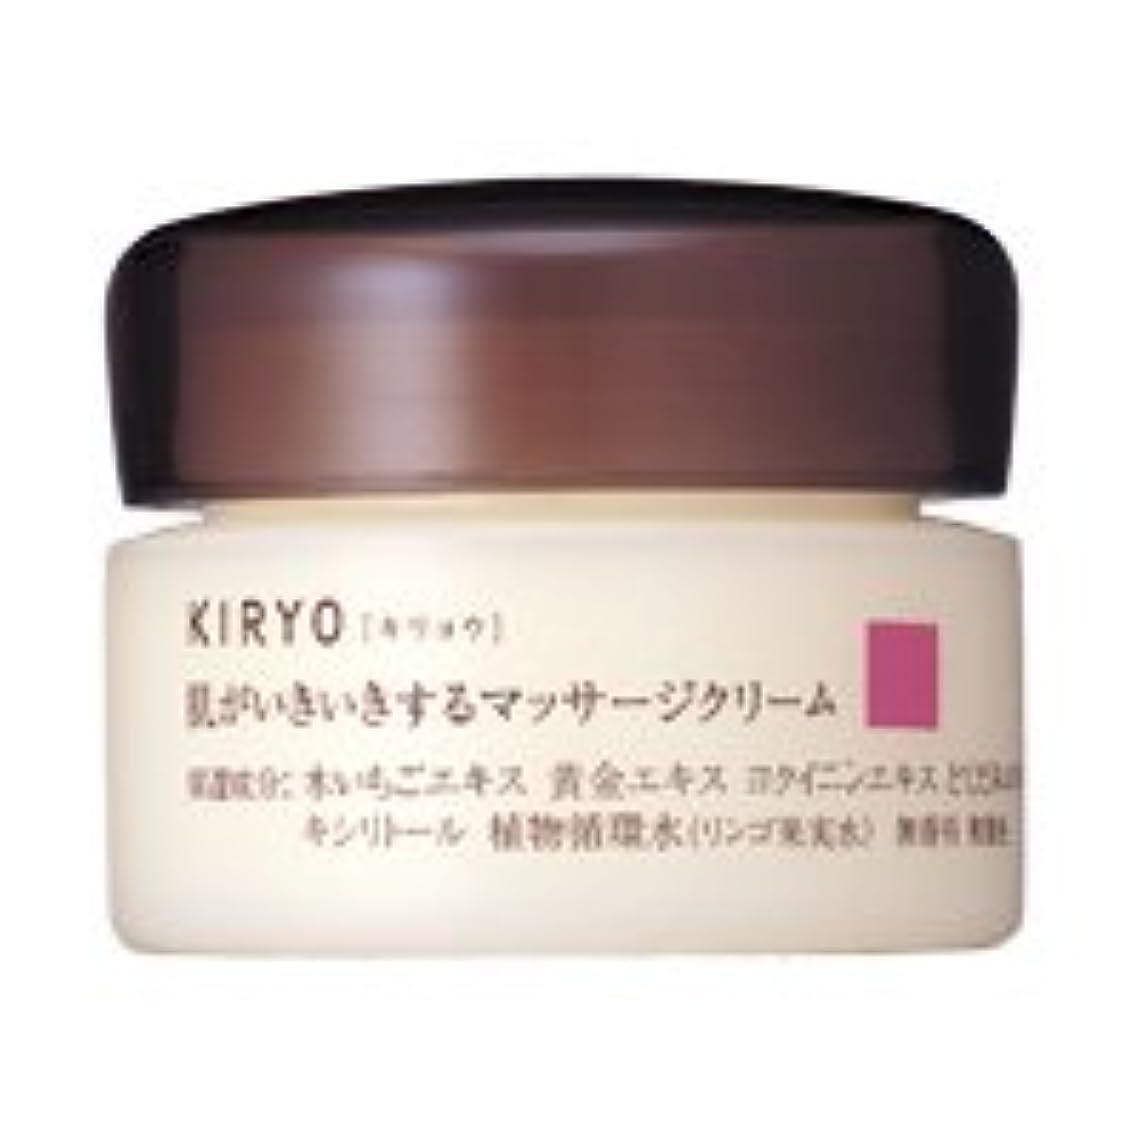 絶対のリストキャンペーン【資生堂】キリョウ マッサージクリーム 100g